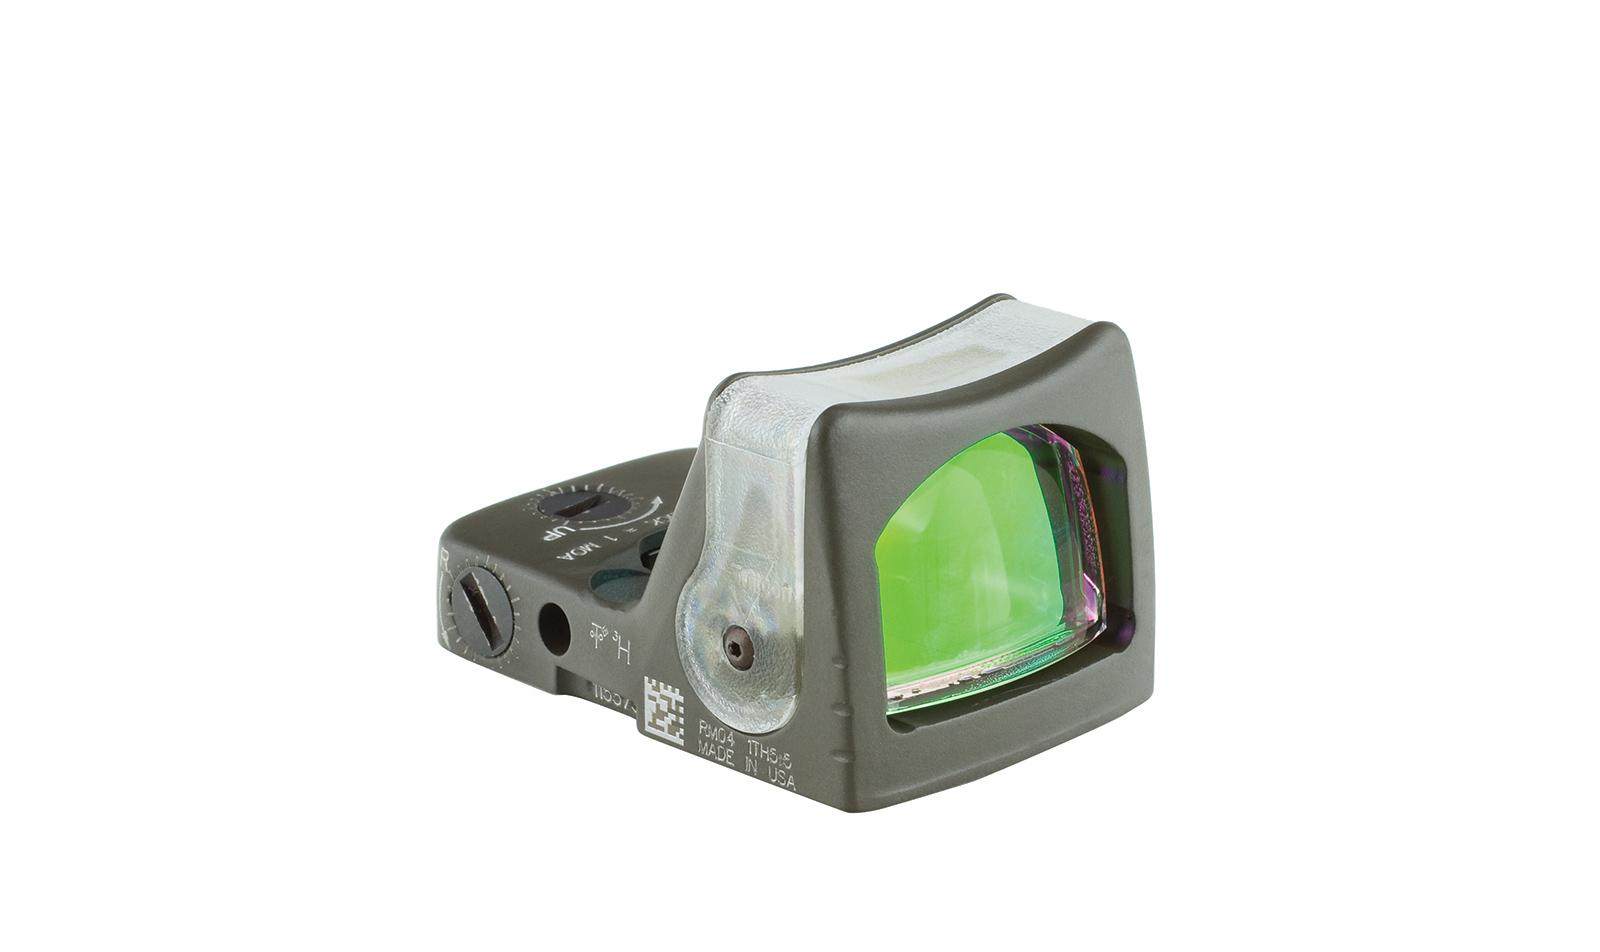 RM05-C-700188 angle 7